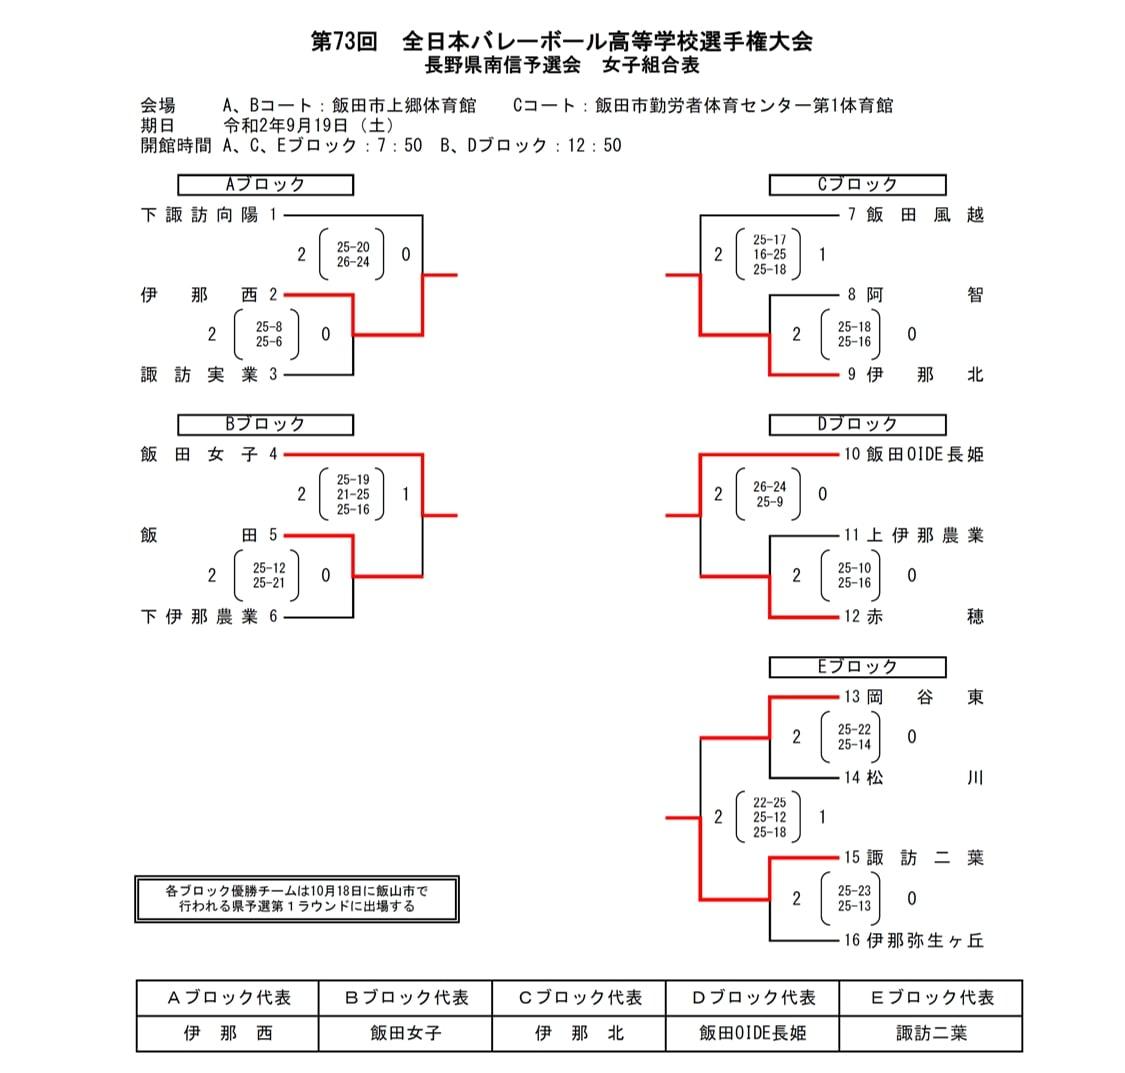 2021春高_長野県予選_南信_女子_結果